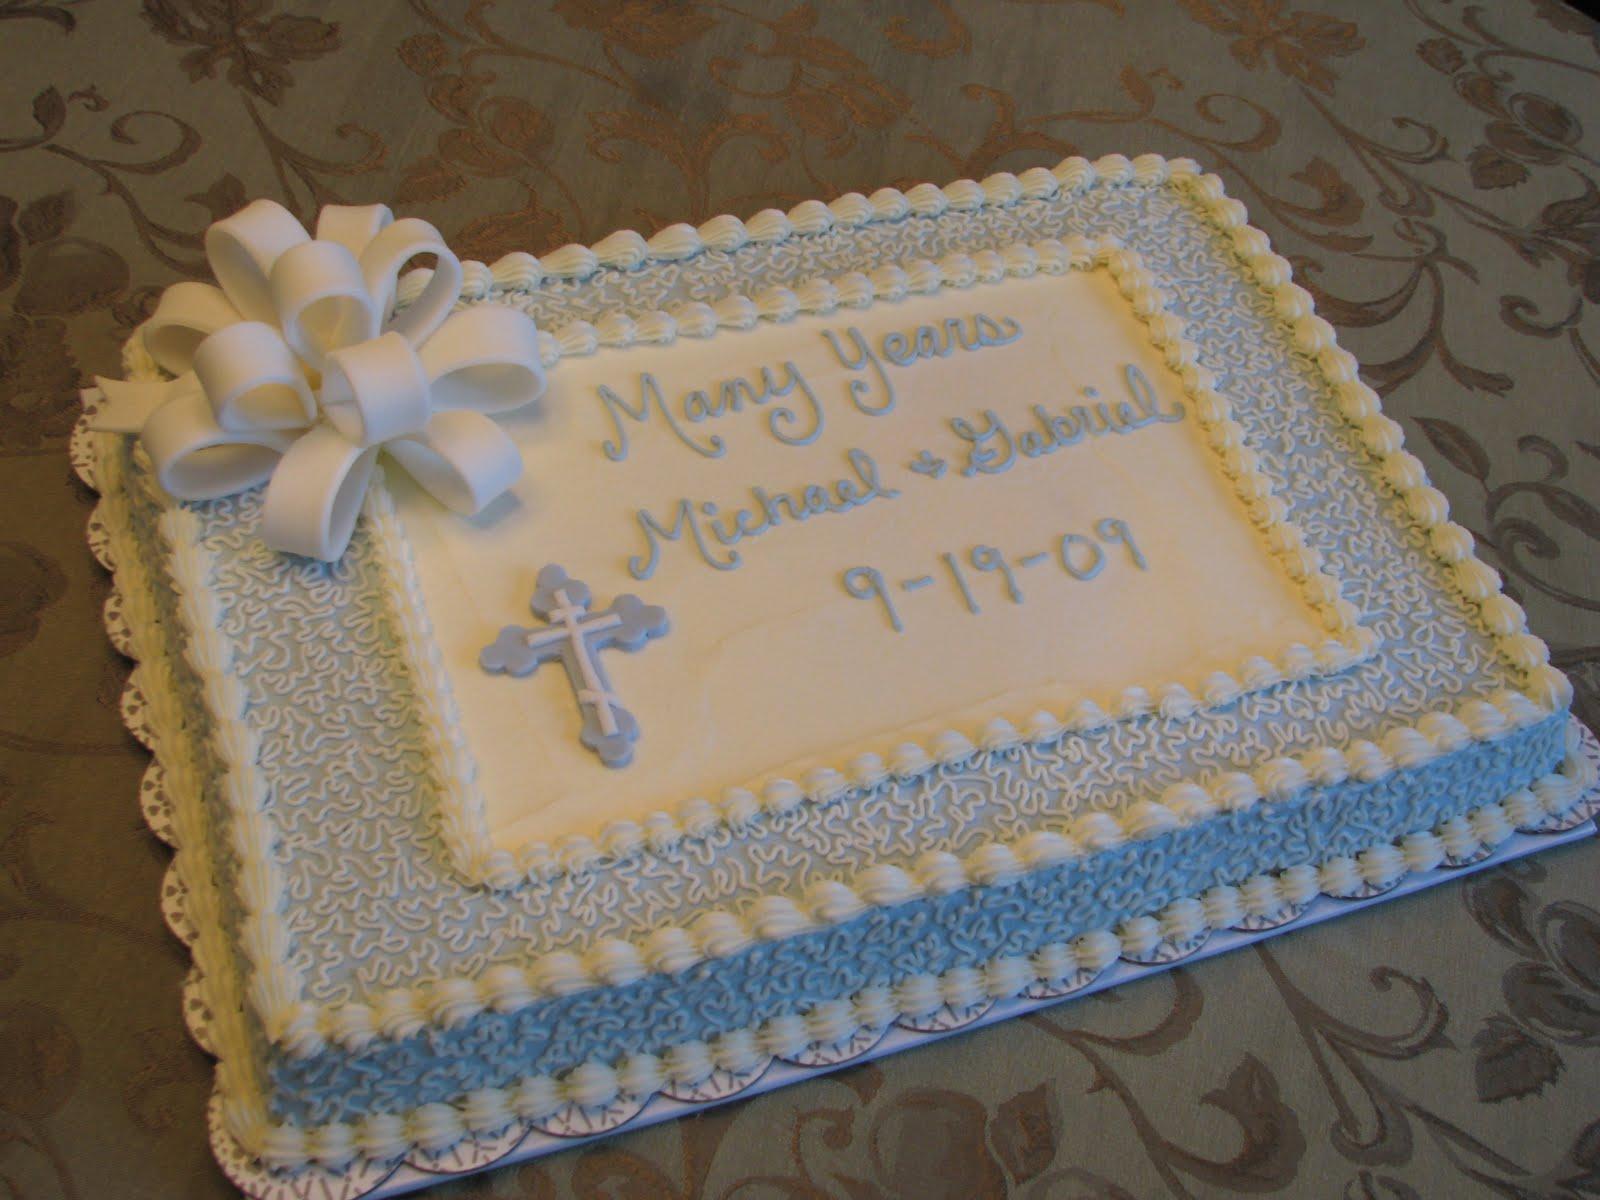 Baptism and Christening: Baptism and Christening Cakes